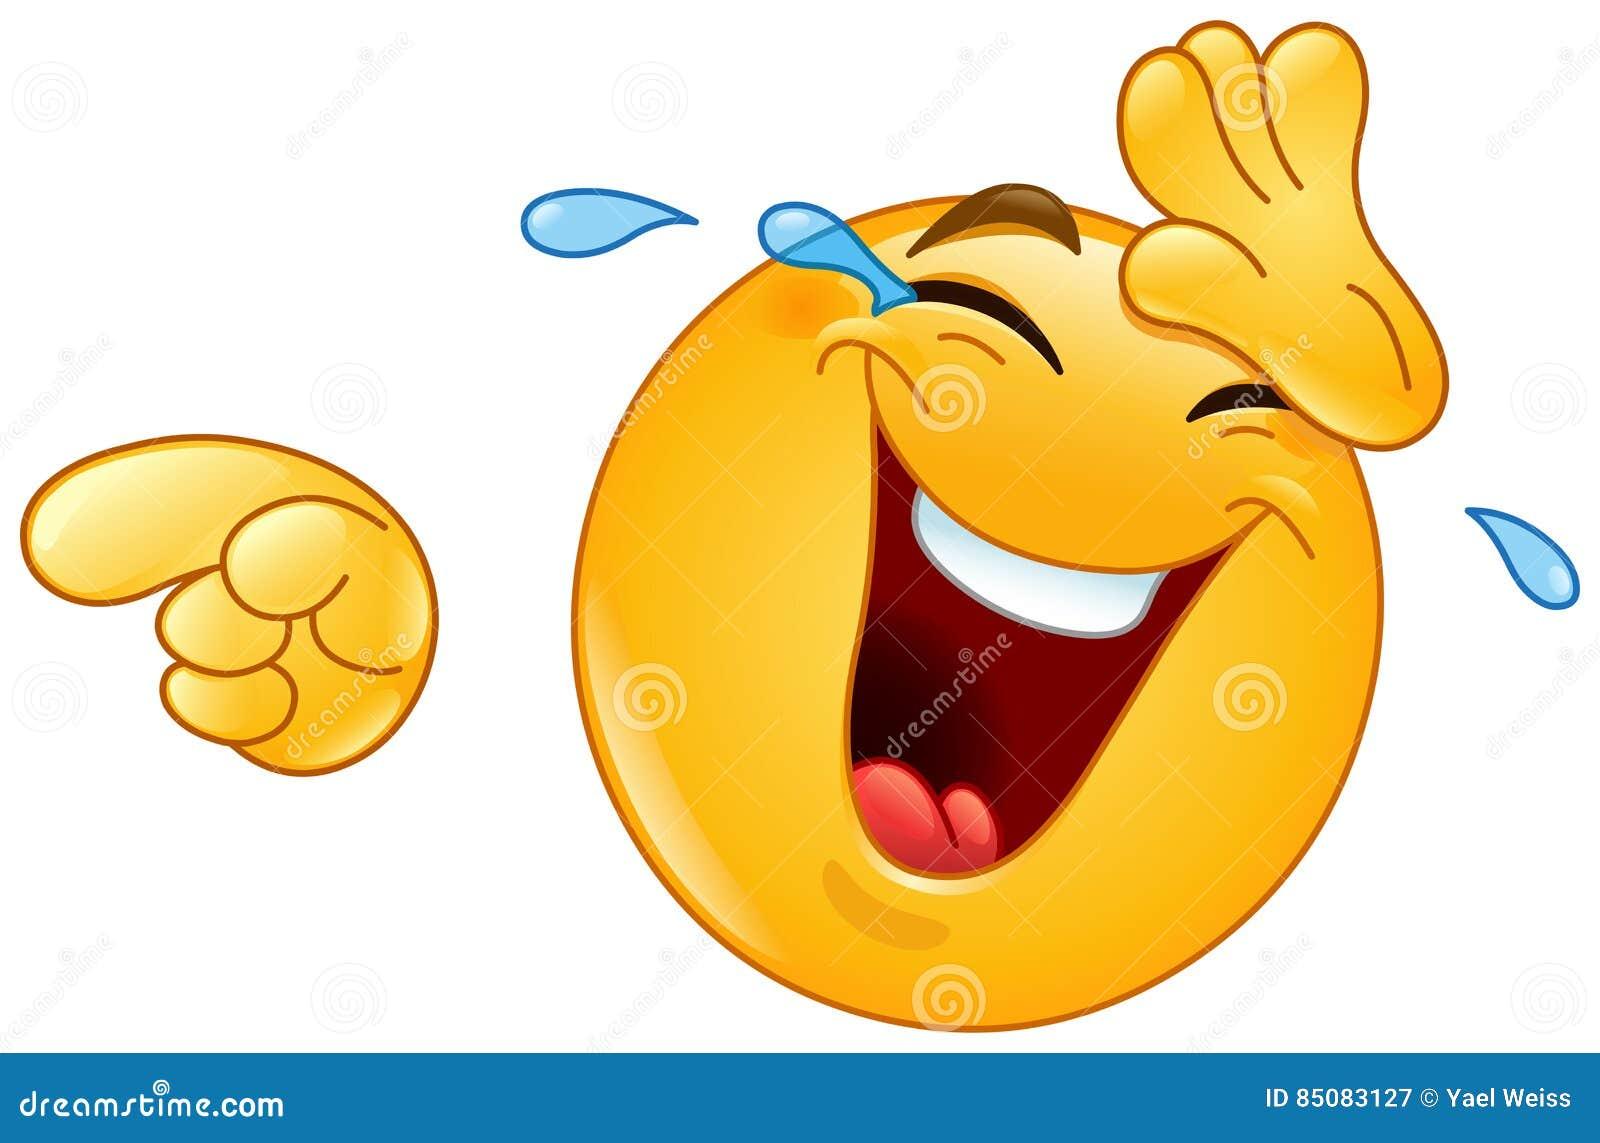 Risa Con Los Rasgones Y Señalar El Emoticon Ilustración Del Vector